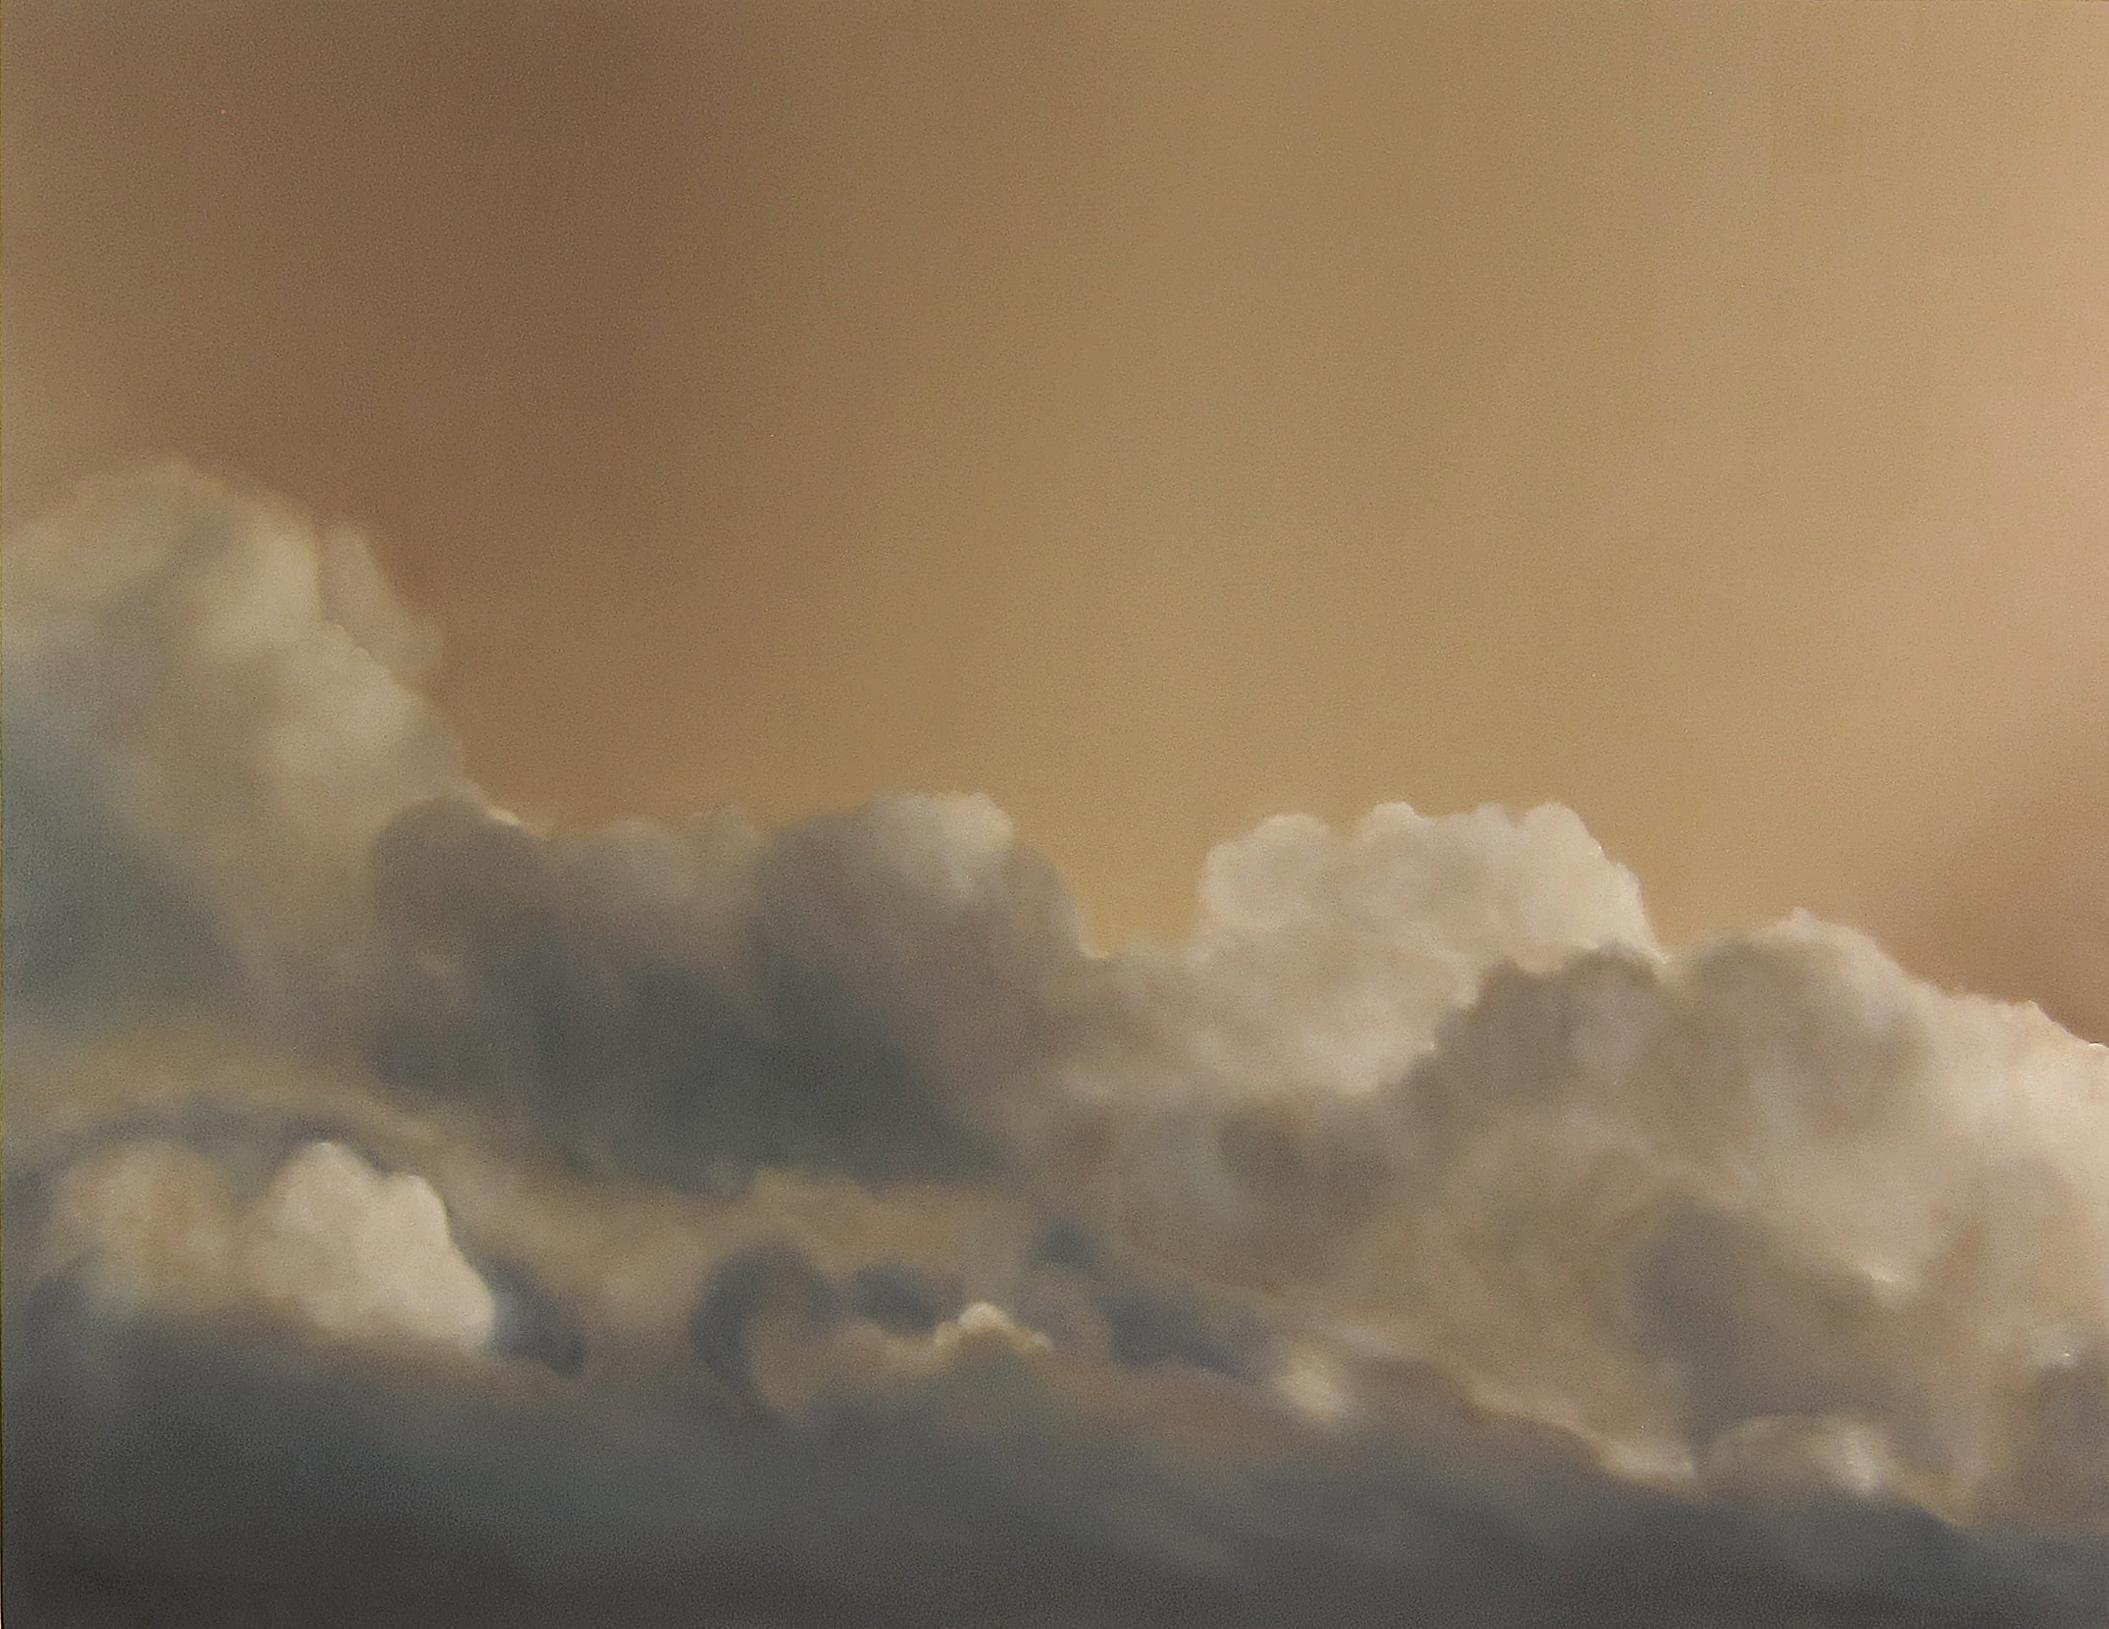 Soleils Mouillés , 2017  oil on linen, 60 x 78 in, 152 x 198 cm